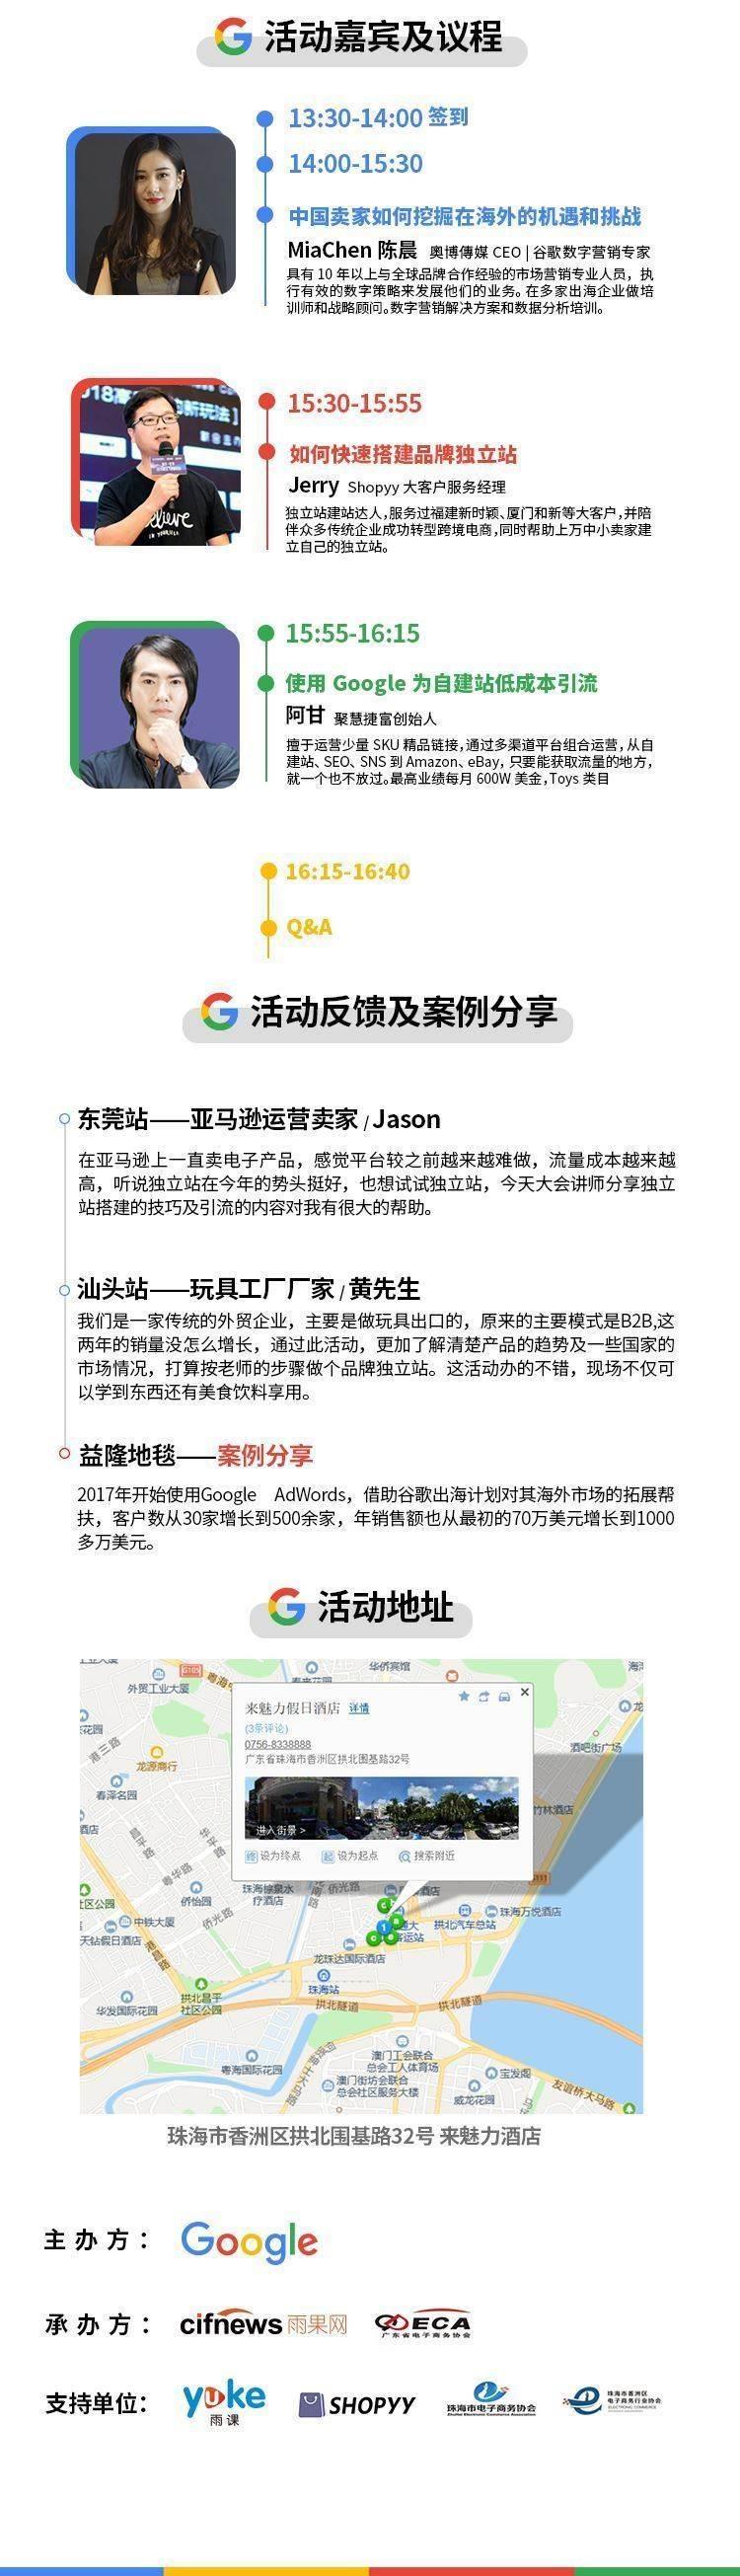 谷歌长图-珠海_02.jpg